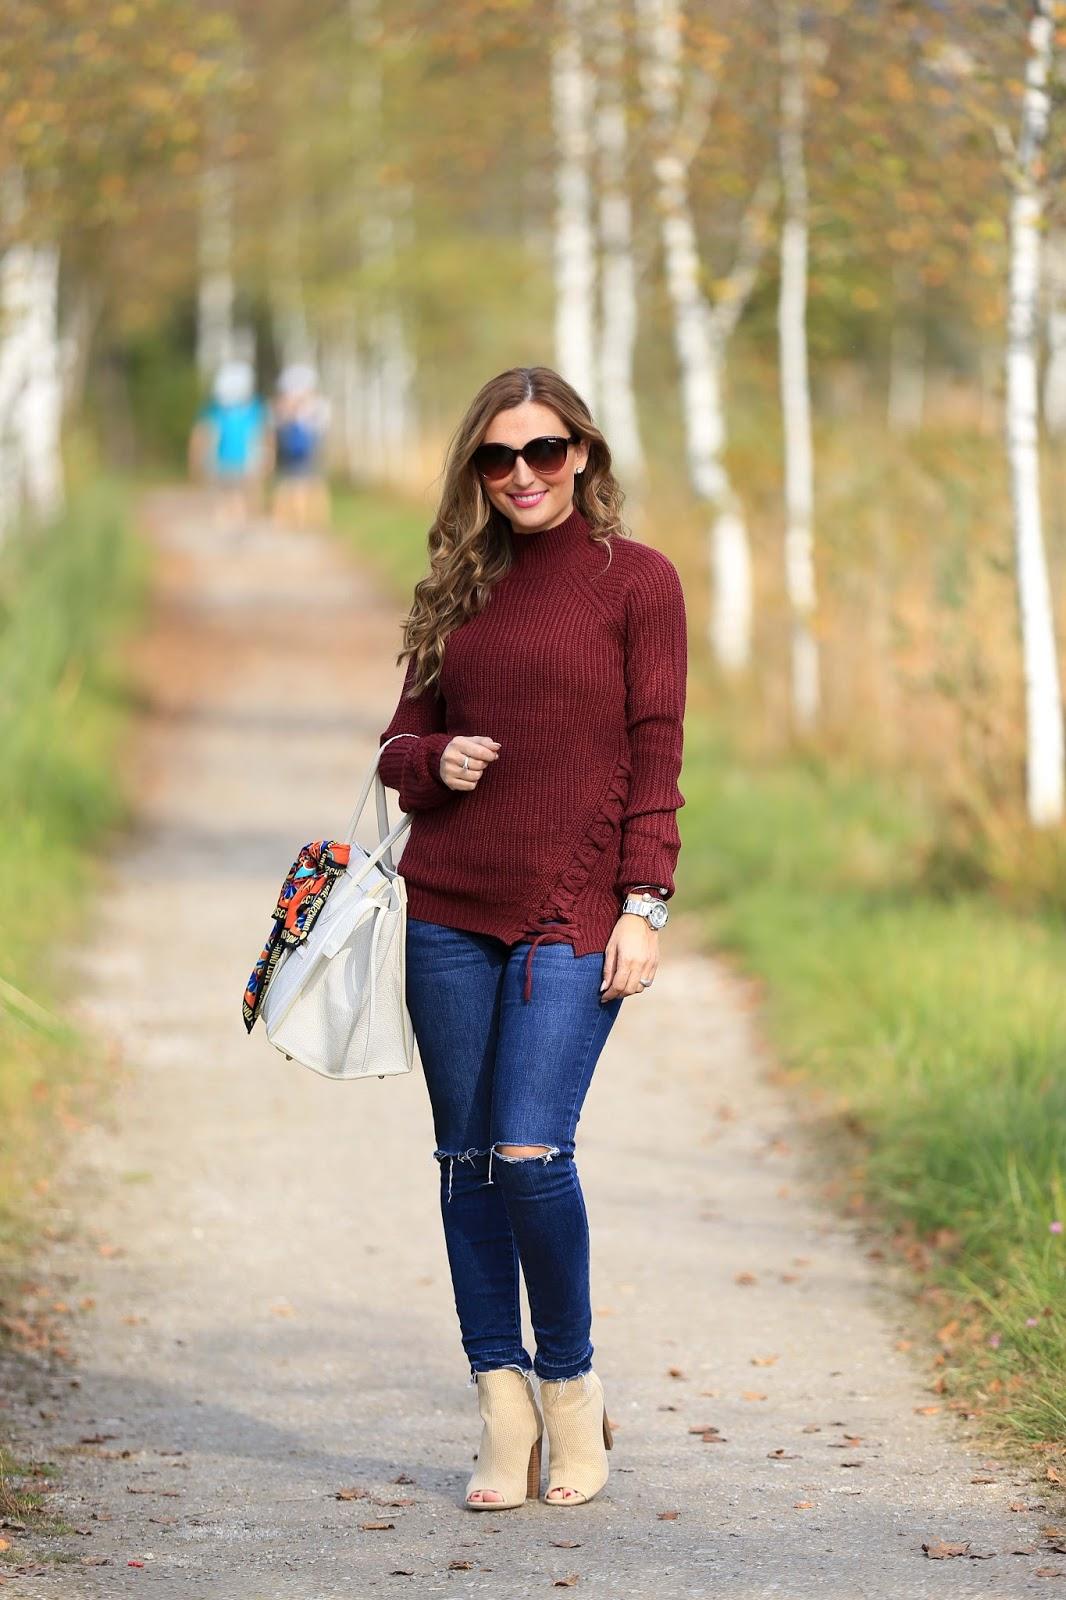 Fashionstylebyjohanna Herbstlook - Blogger Herbstlook - Musthaves im Herbst - Bordeaux - Beige- Pulloiver in Bordeaux - Bordeaux Bloggerpulli - Was ziehe ich im Herbst an- Fashionstylebyjohanna- Blogger Frankfurt